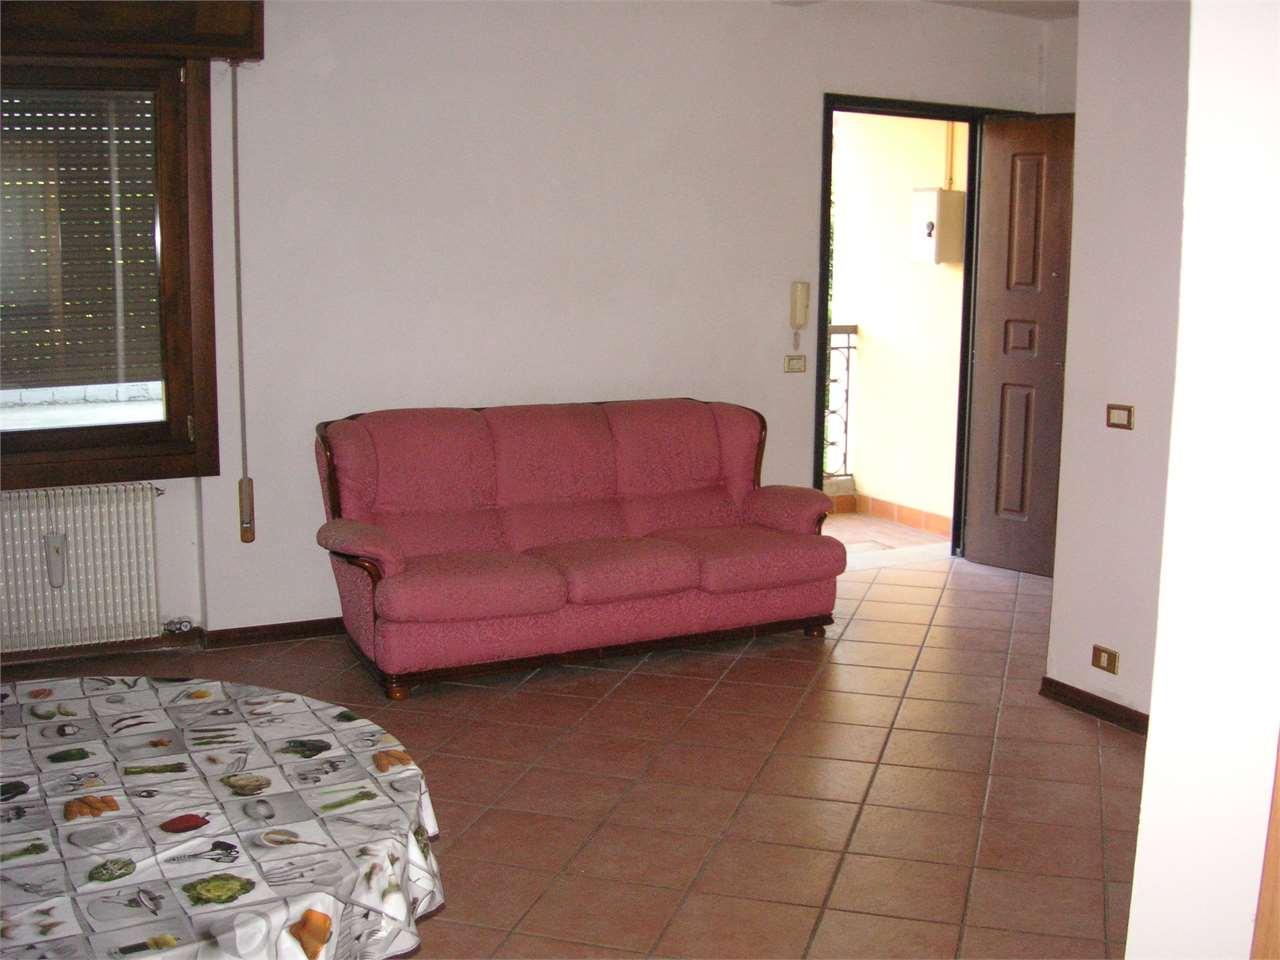 Appartamento in vendita a Istrana, 5 locali, prezzo € 120.000 | CambioCasa.it